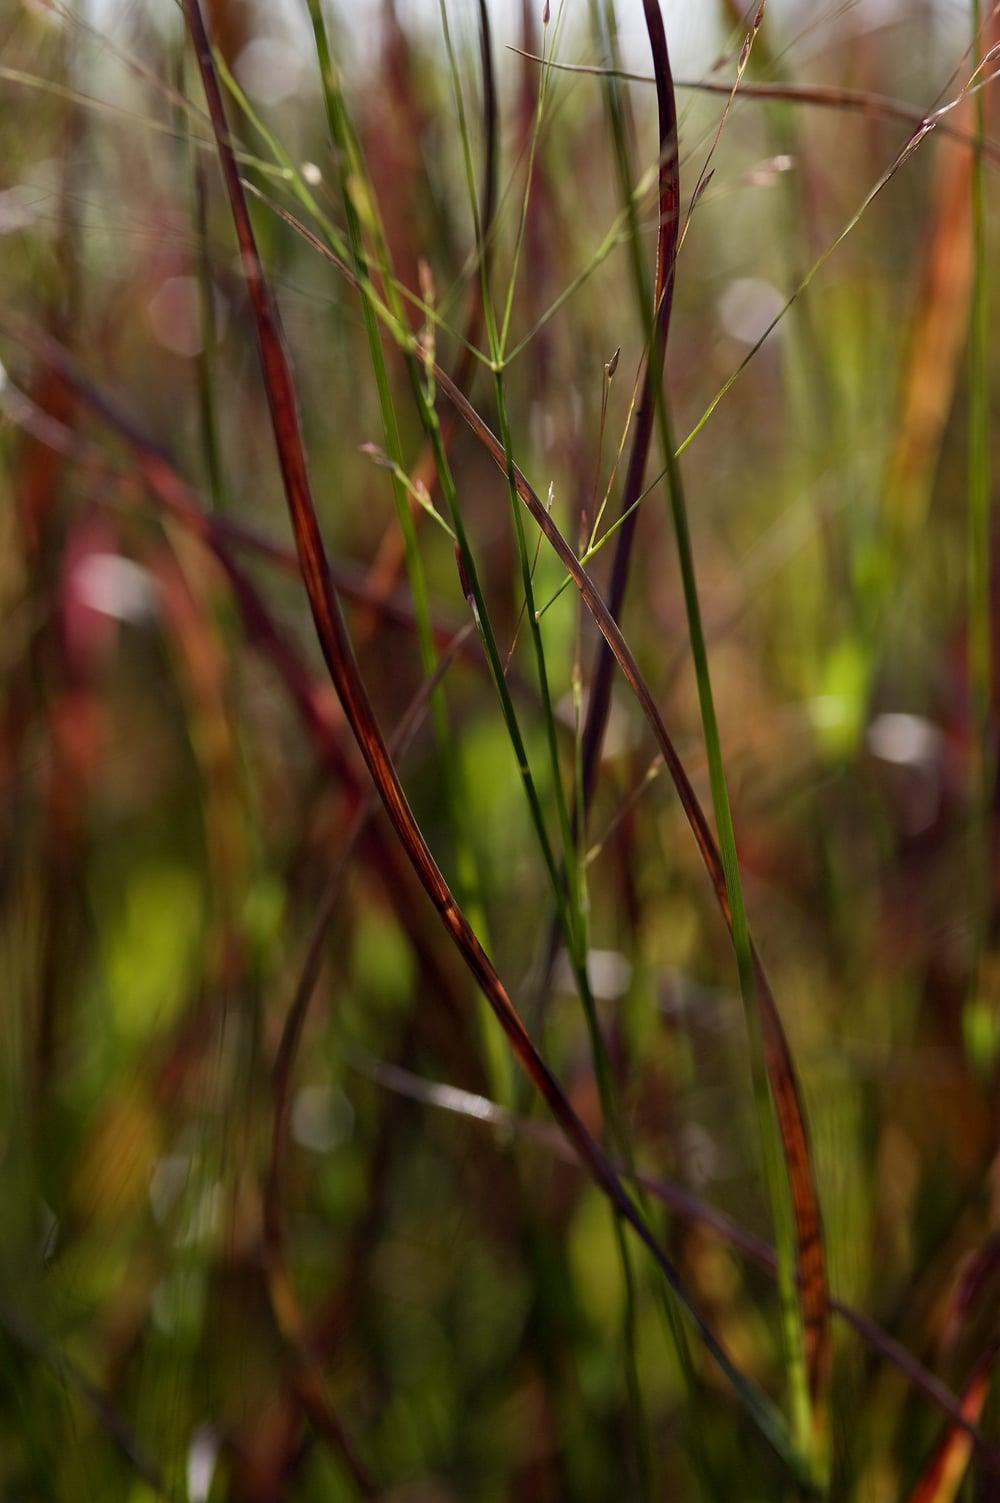 #34 Green/red grass 4